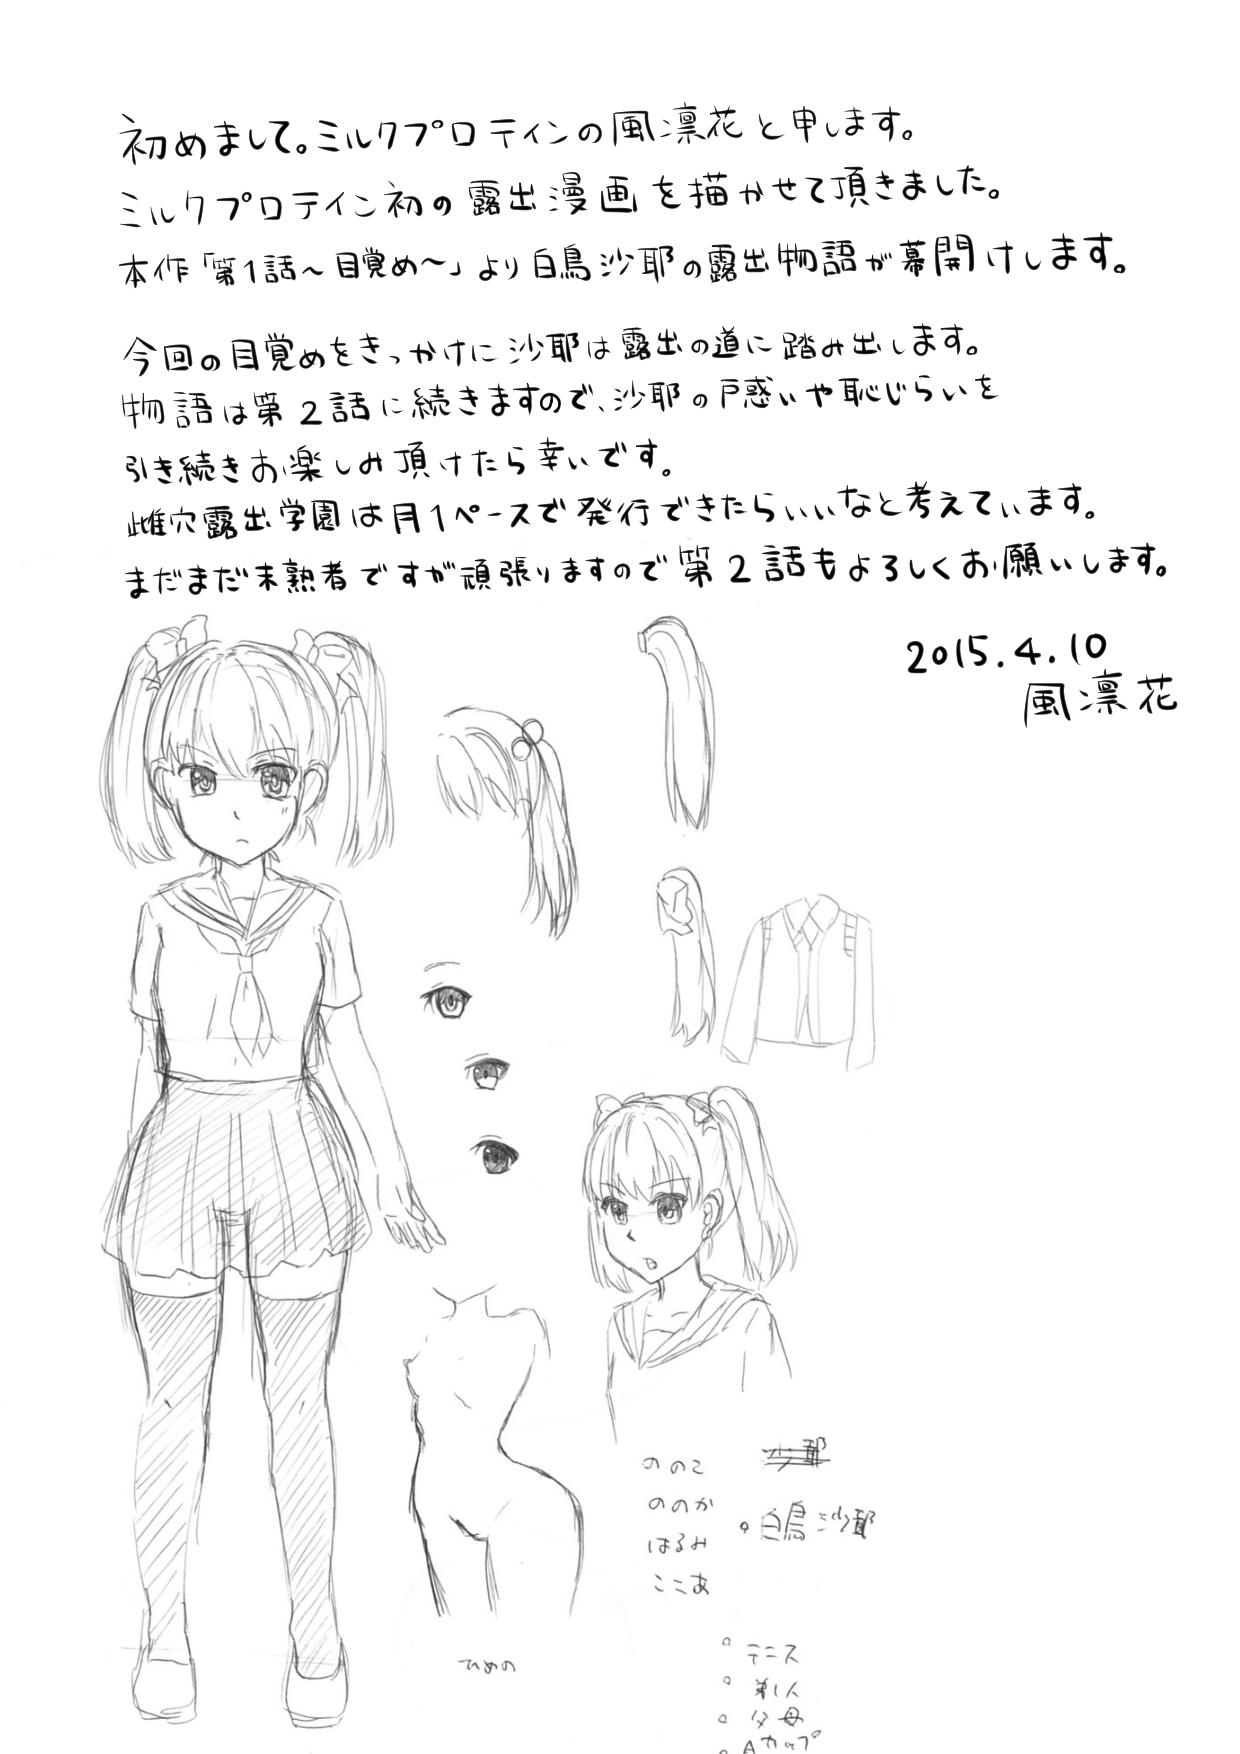 パンツを忘れた貧乳少女がノーパンで過ごすうちに羞恥の快楽を覚えて、露出にはまっていく・・・【エロ漫画・エロ同人】 (18)